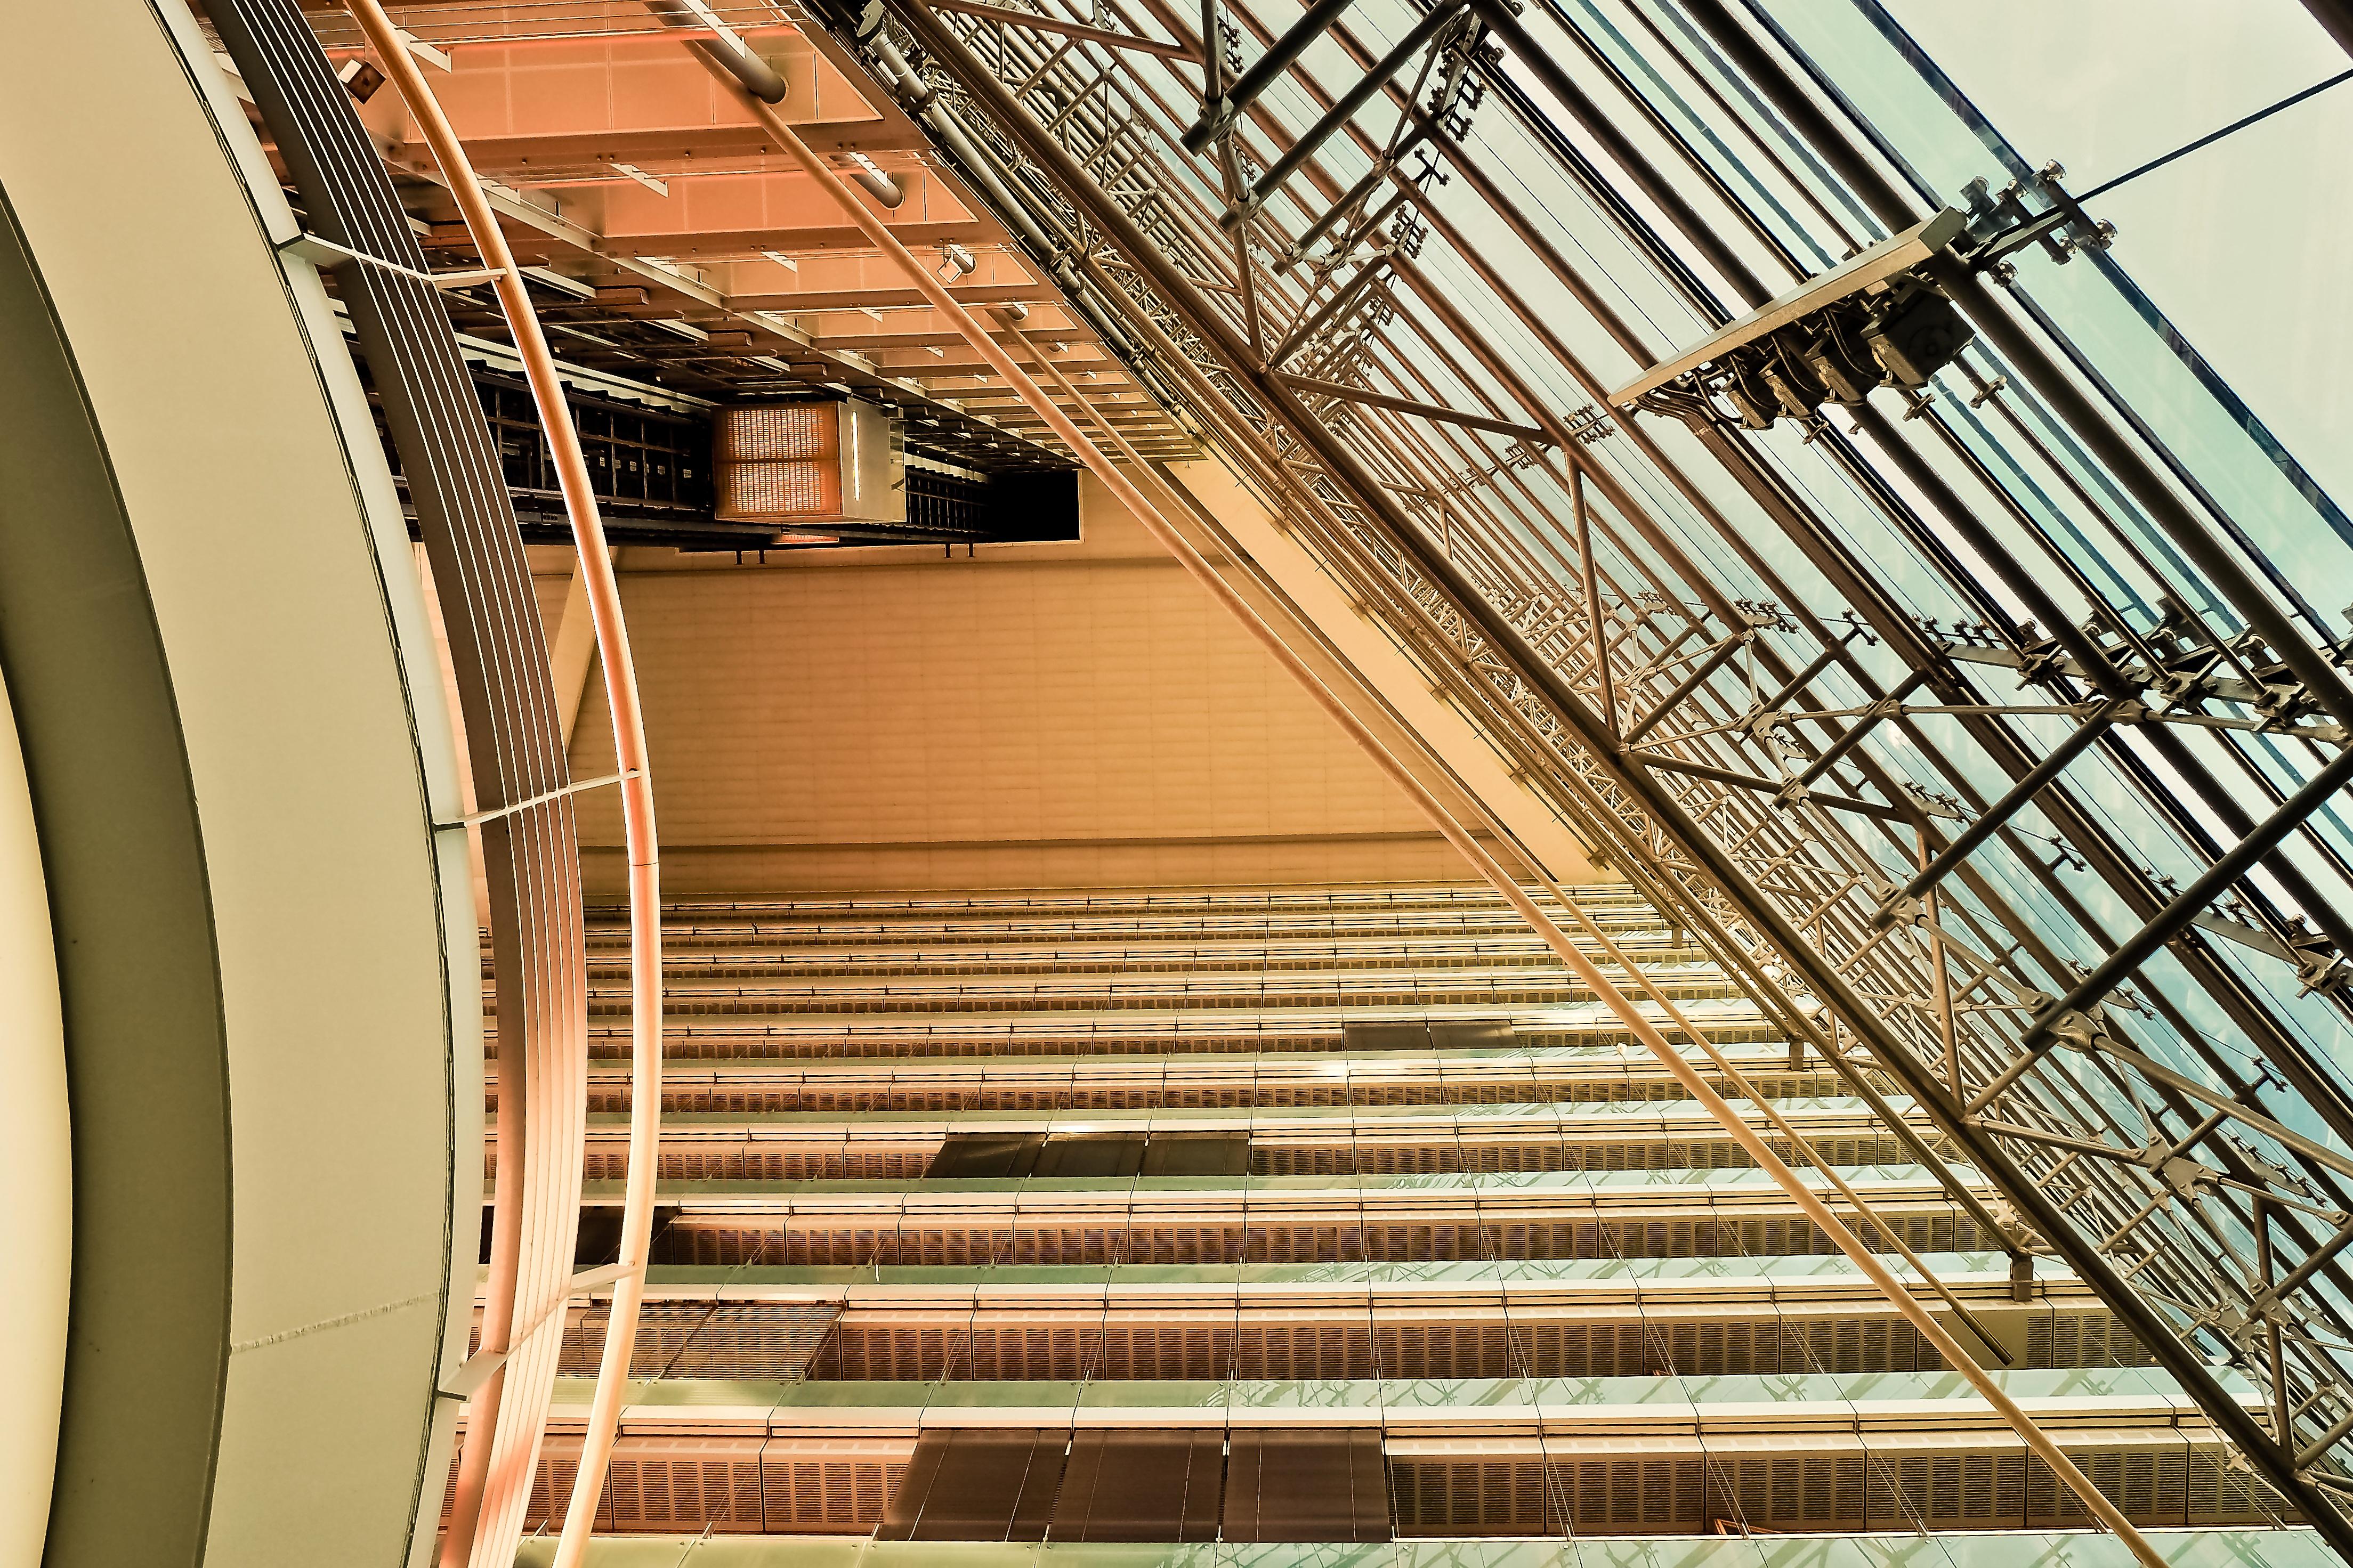 Fotos gratis : abstracto, estructura, madera, interior, perspectiva ...